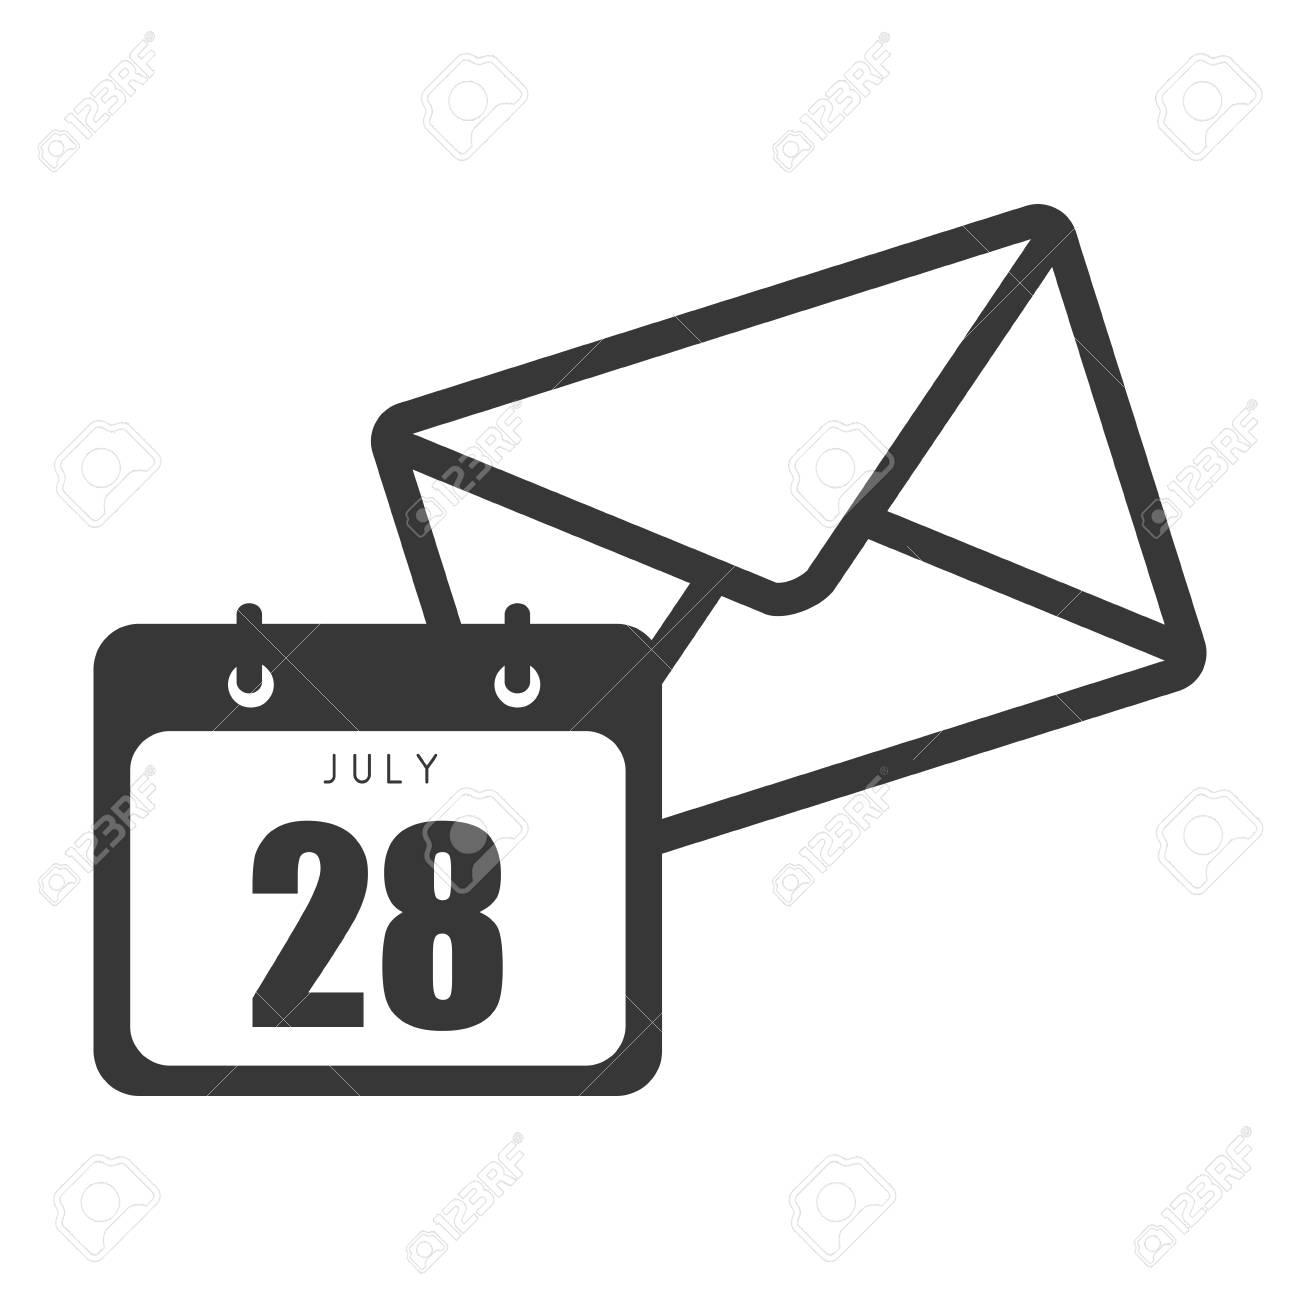 Courrier Et Calendrier.Icone De Courrier D Enveloppe Et Calendrier Avec Les Numeros De Mois Et De Jour Illustration Vectorielle